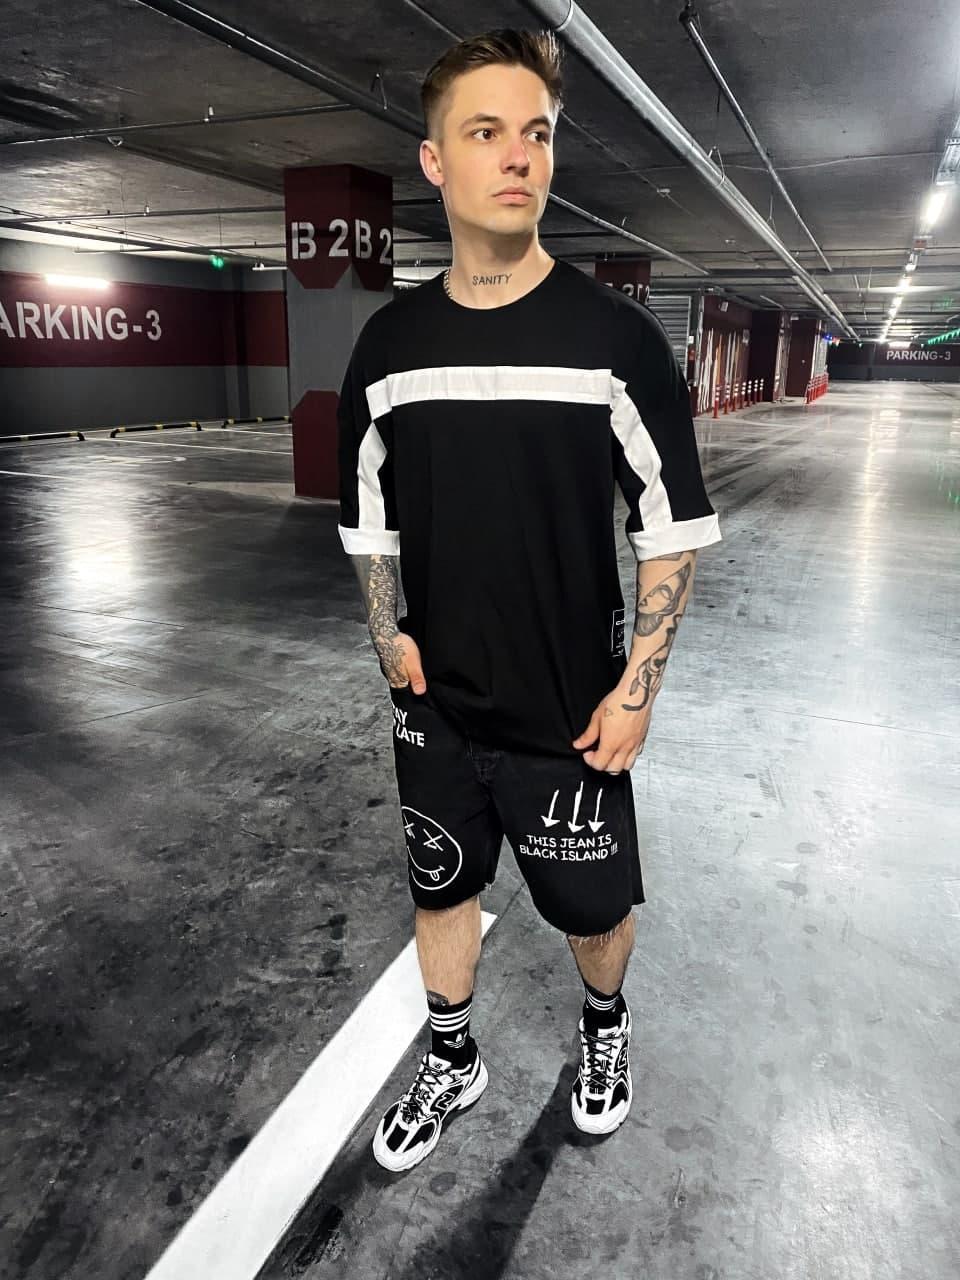 Чоловіча футболка стильна c білою смугою (чорна) стильна одяг sF89